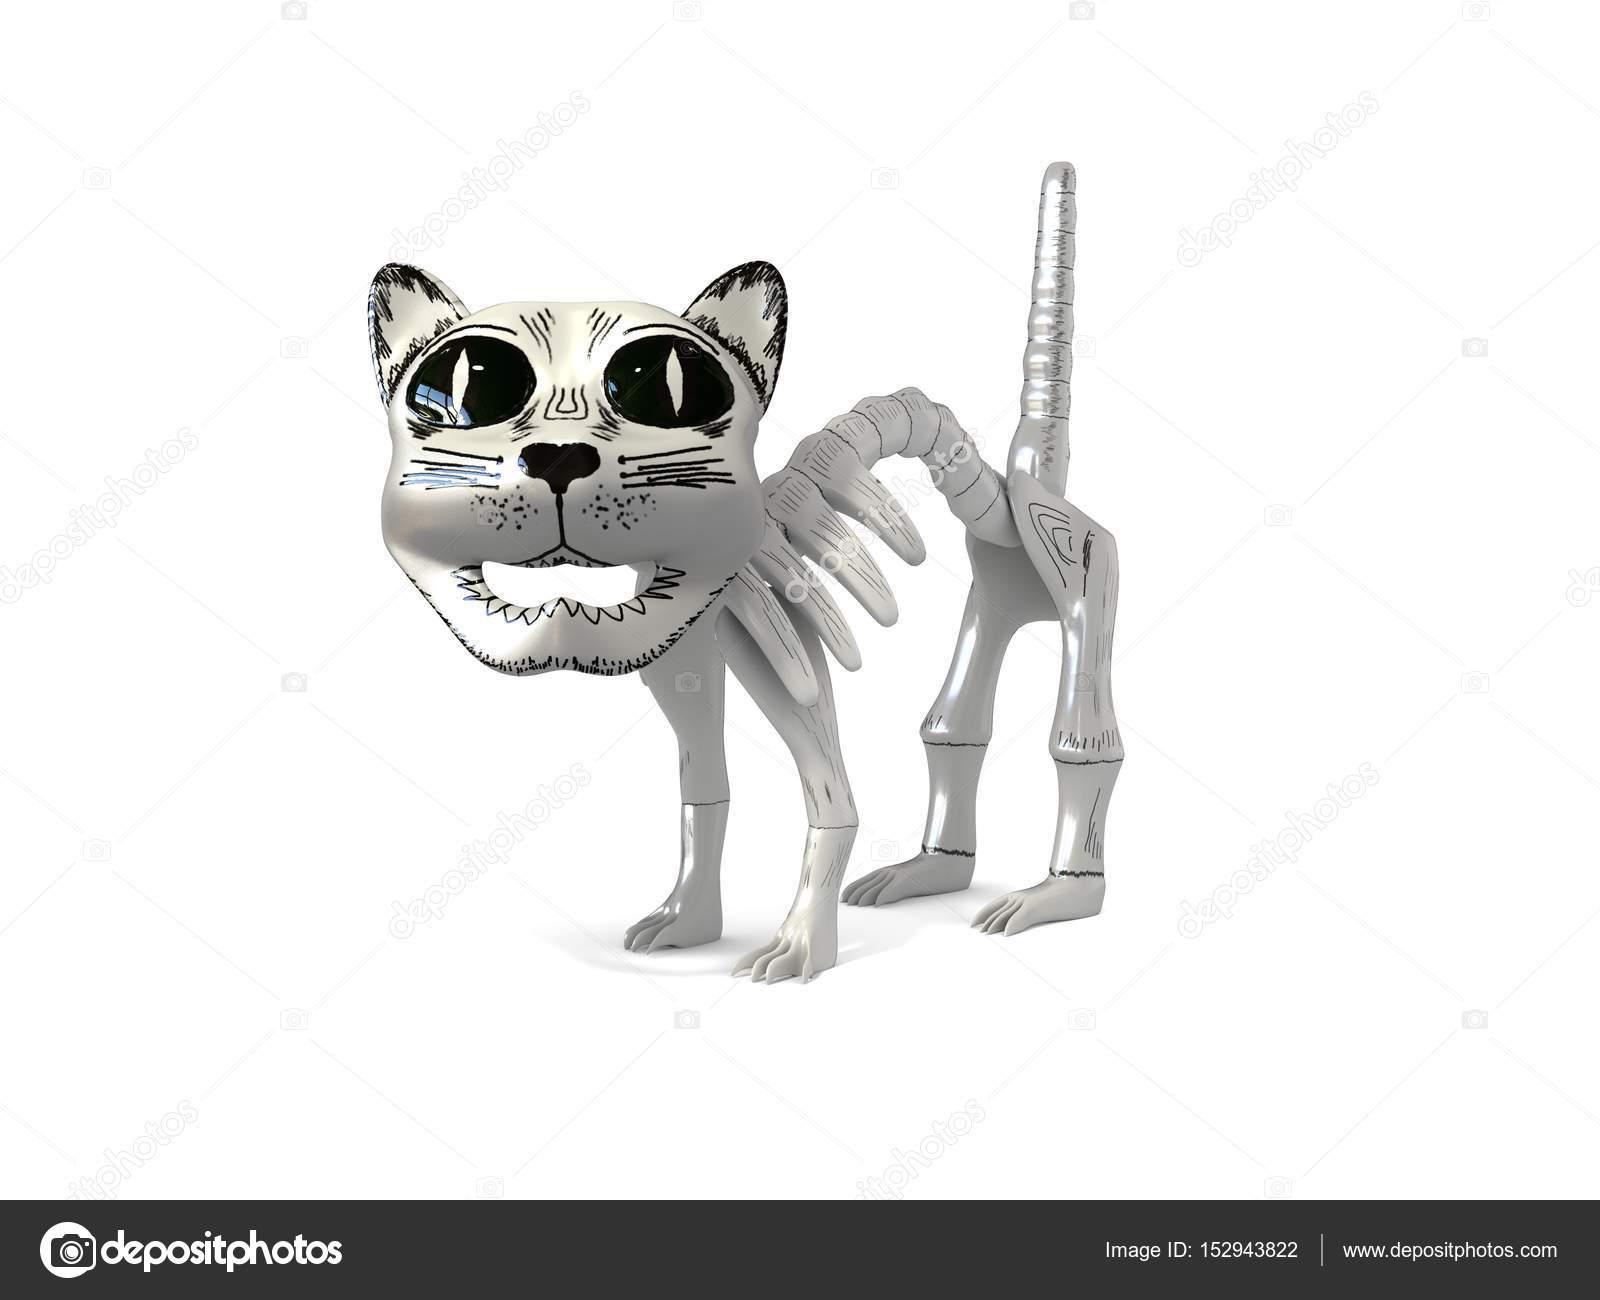 fail cat skeleton doodle - photo #30